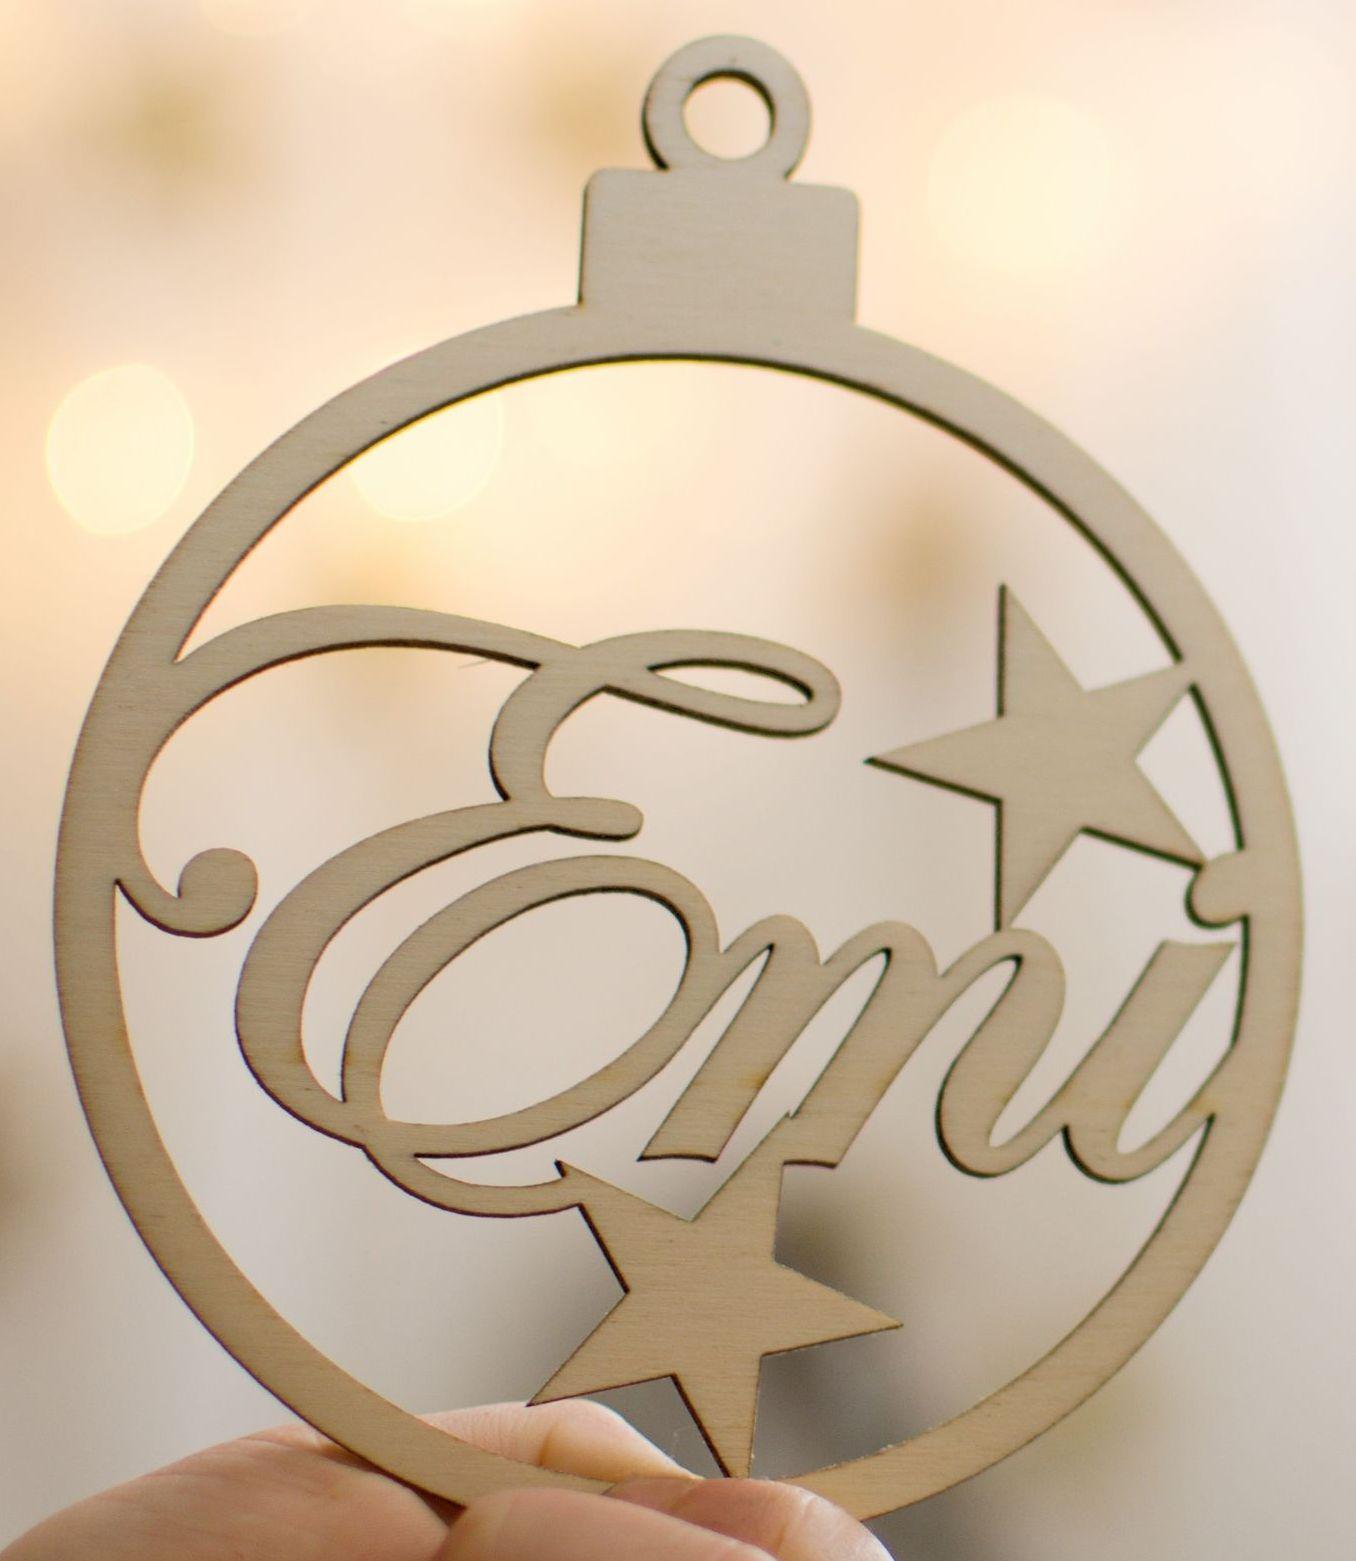 Vianočná guľa - menovka alebo darček pre hostí - Obrázok č. 1